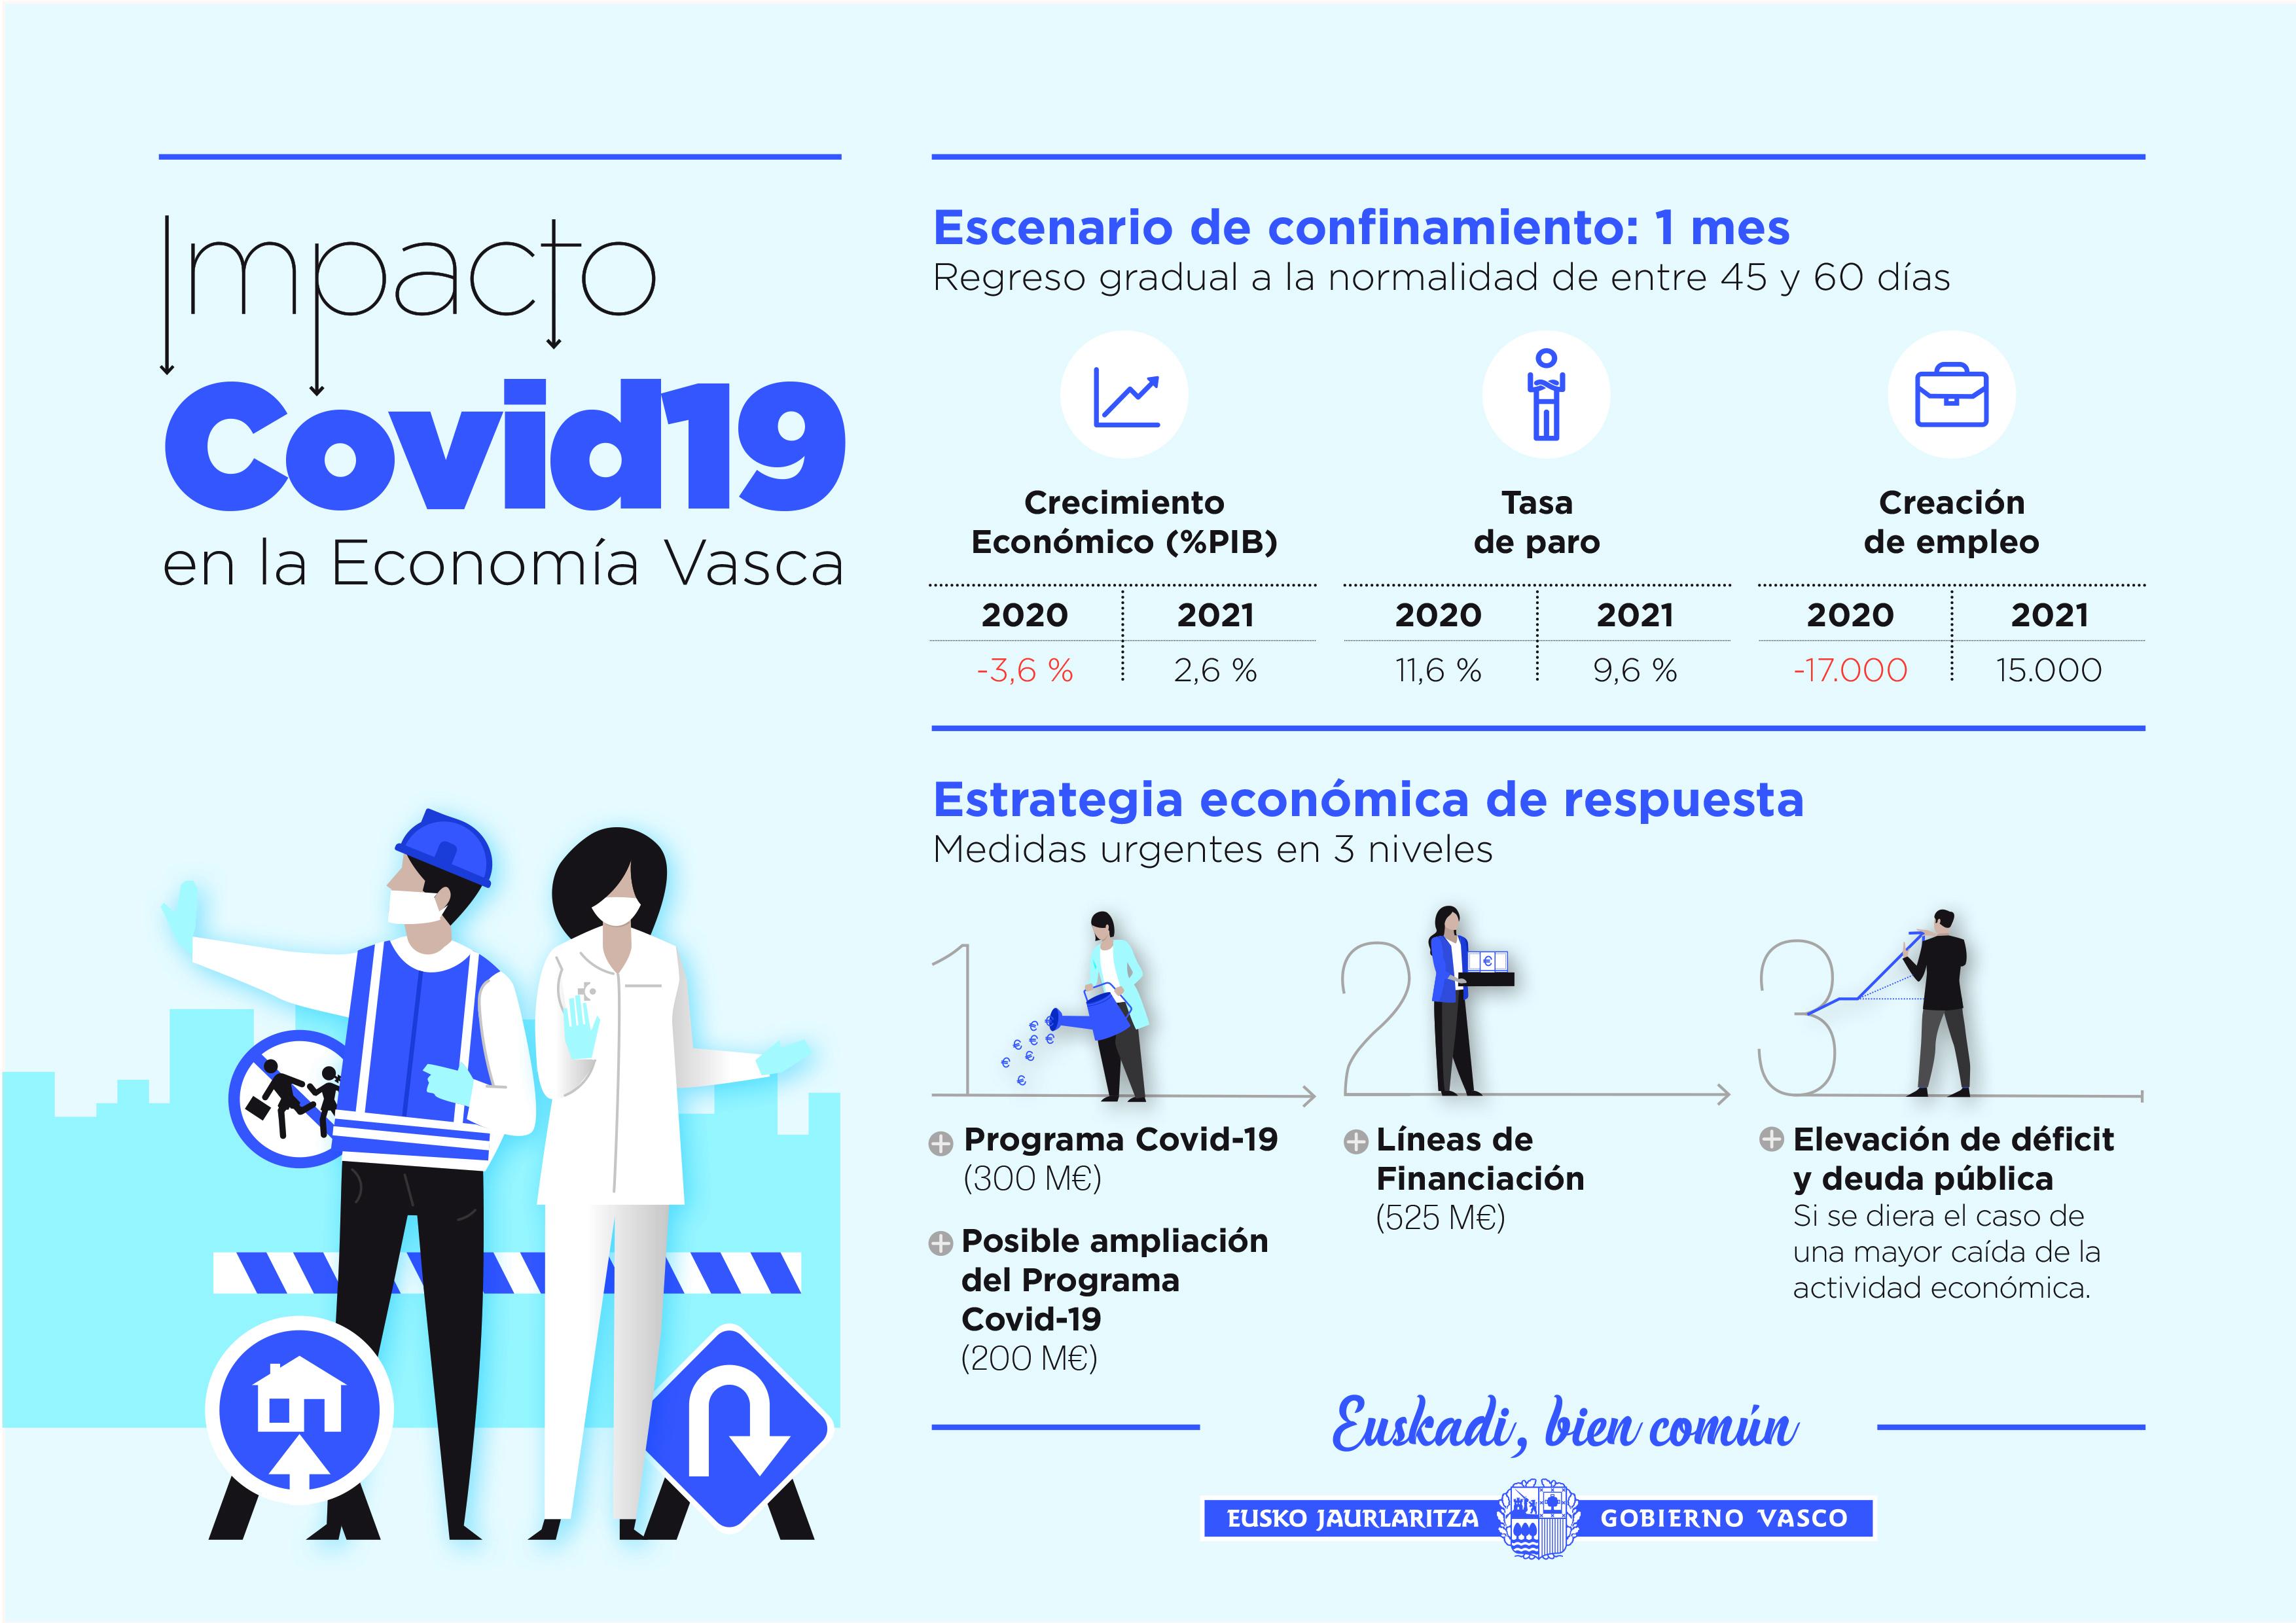 COVID19-impacto-economia-vasca.jpg